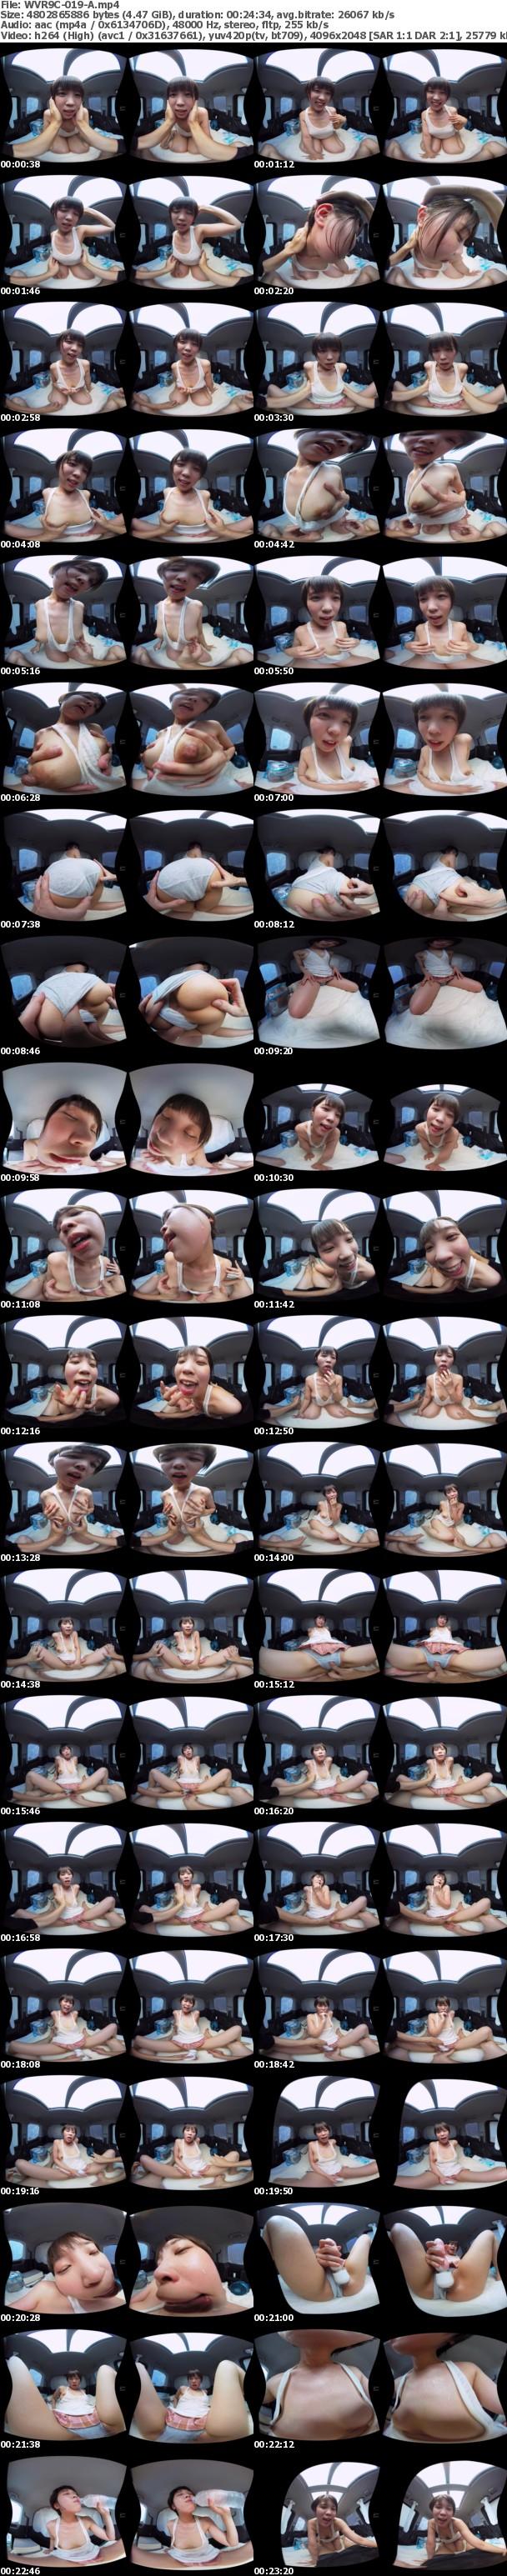 (VR) WVR9C-019 真夏の炎天下の狭い車内で汗だくになって肉食系カーセックスしまくりました 竹田まい 志願の灼熱のライブ編